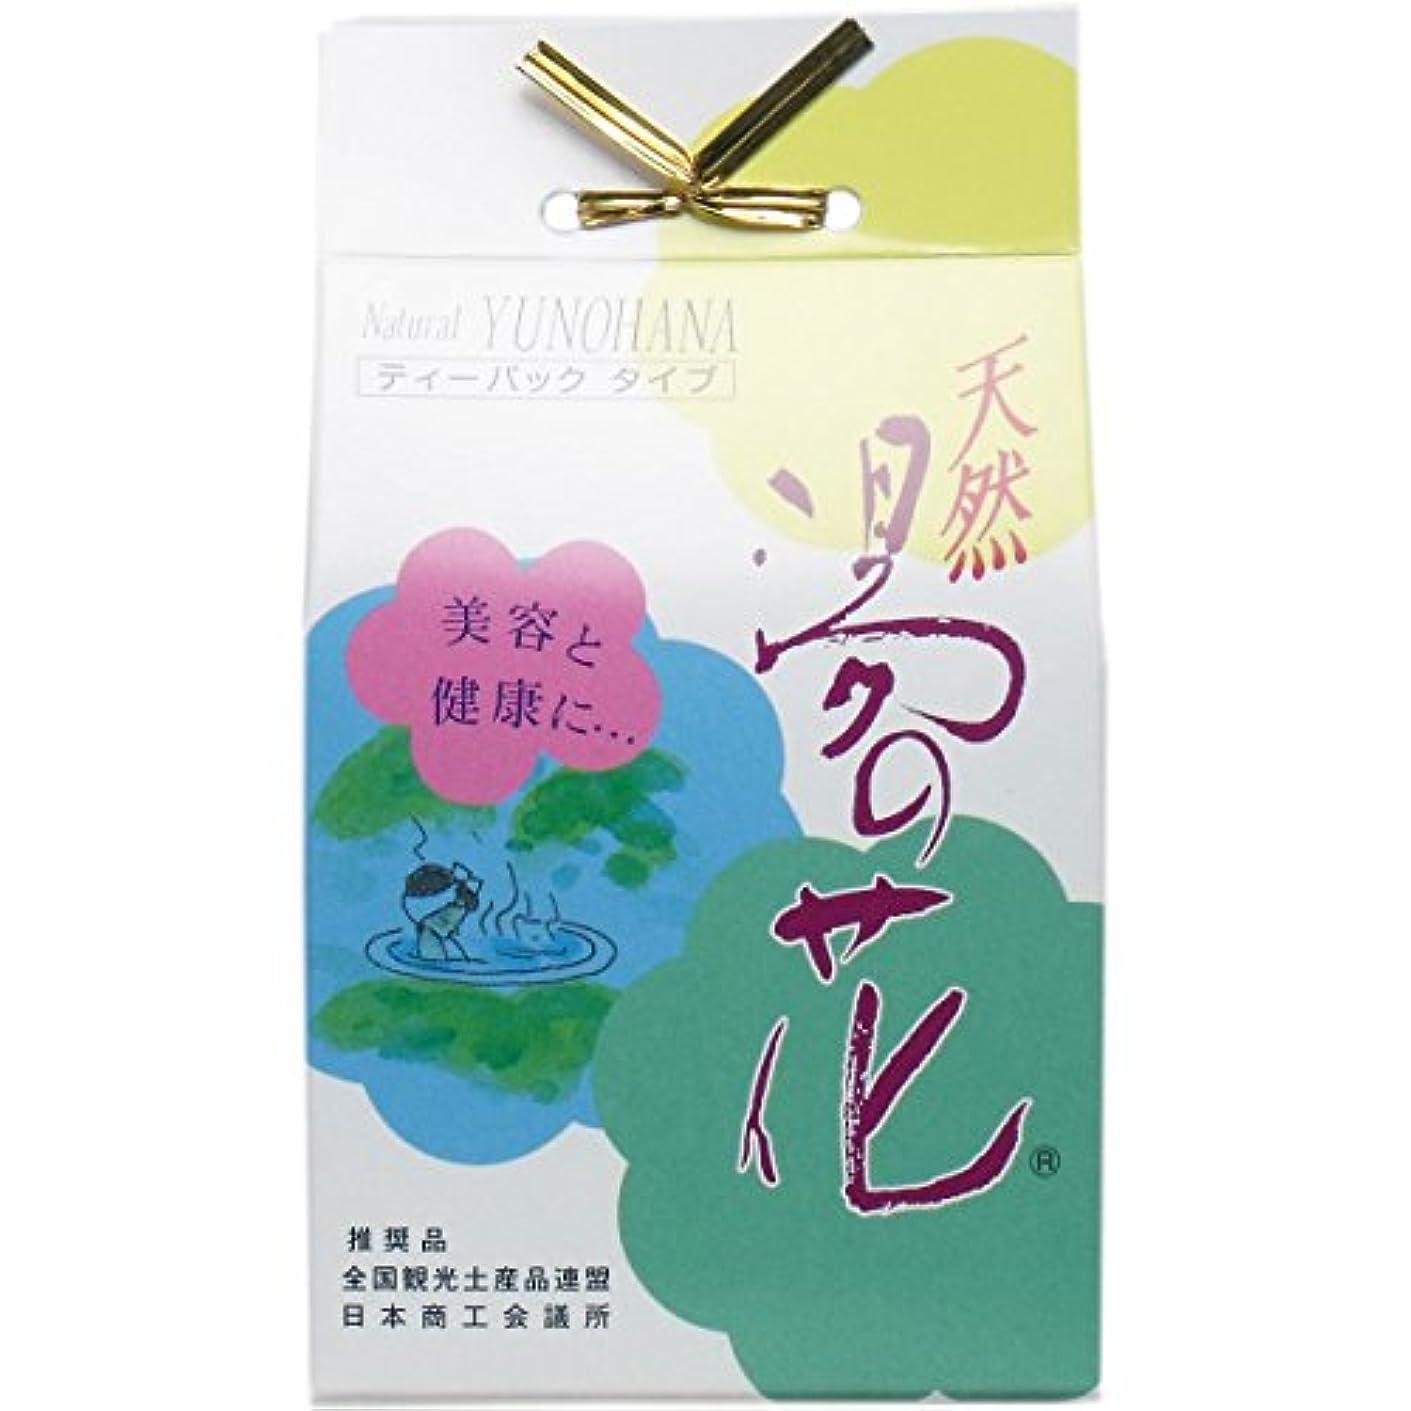 逃す前方へしがみつく天然湯の花 KTS (15g × 3包)